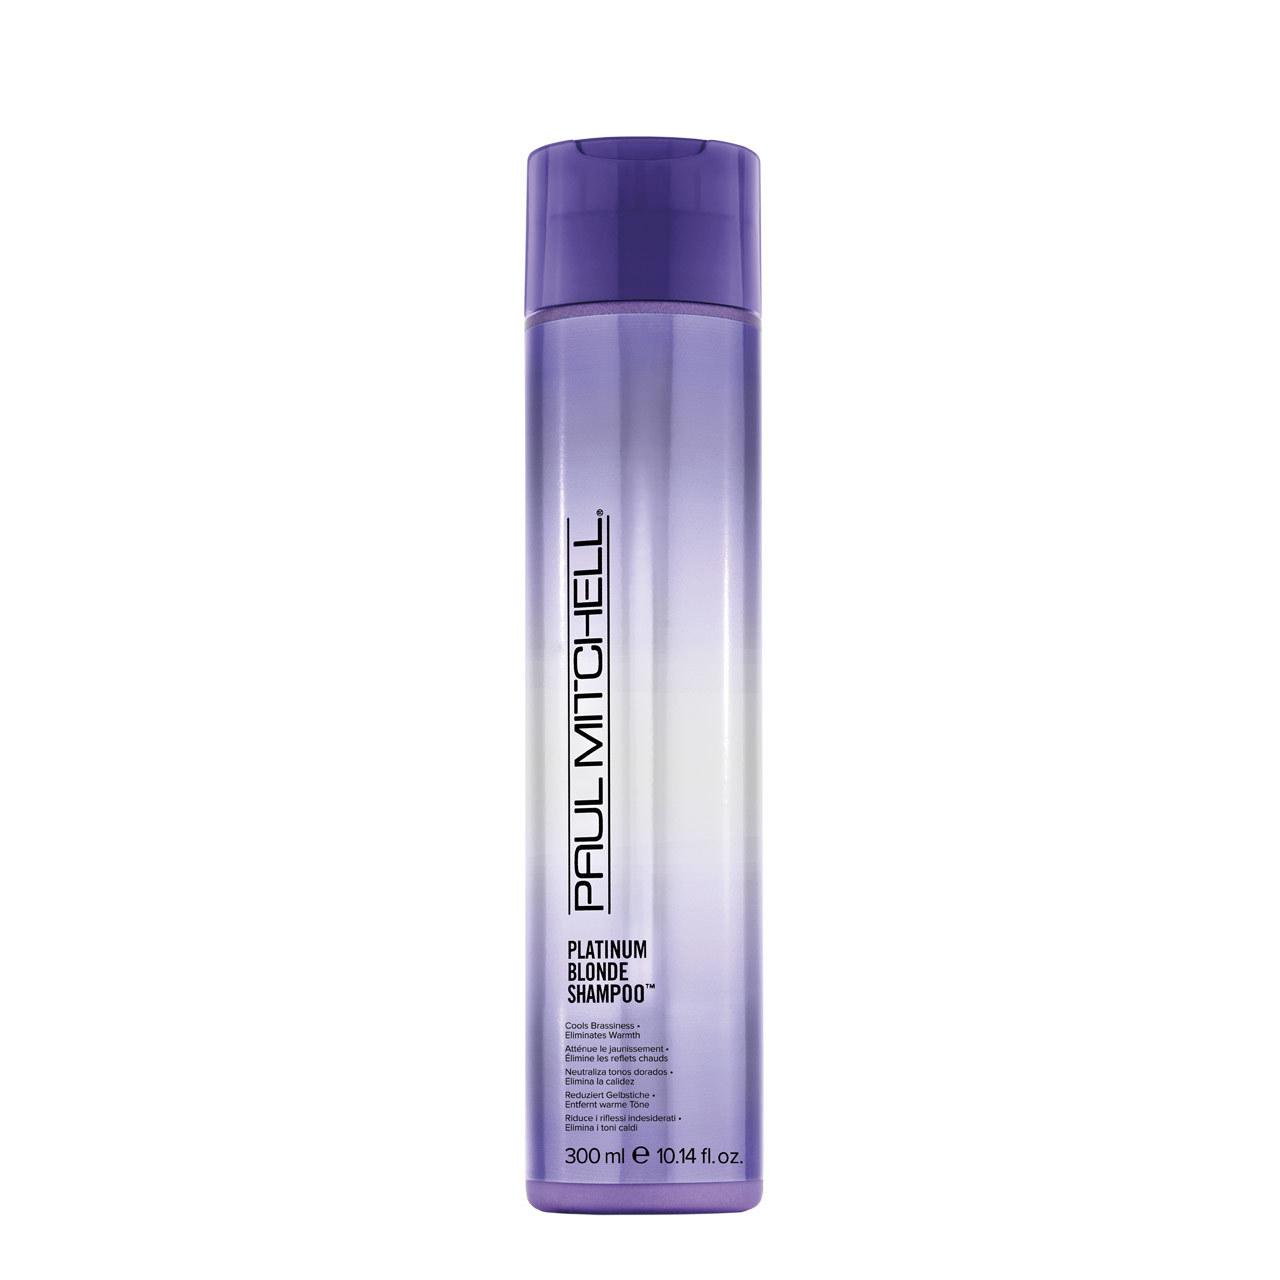 Platinum Blonde Shampoo™ obsah (ml): 300